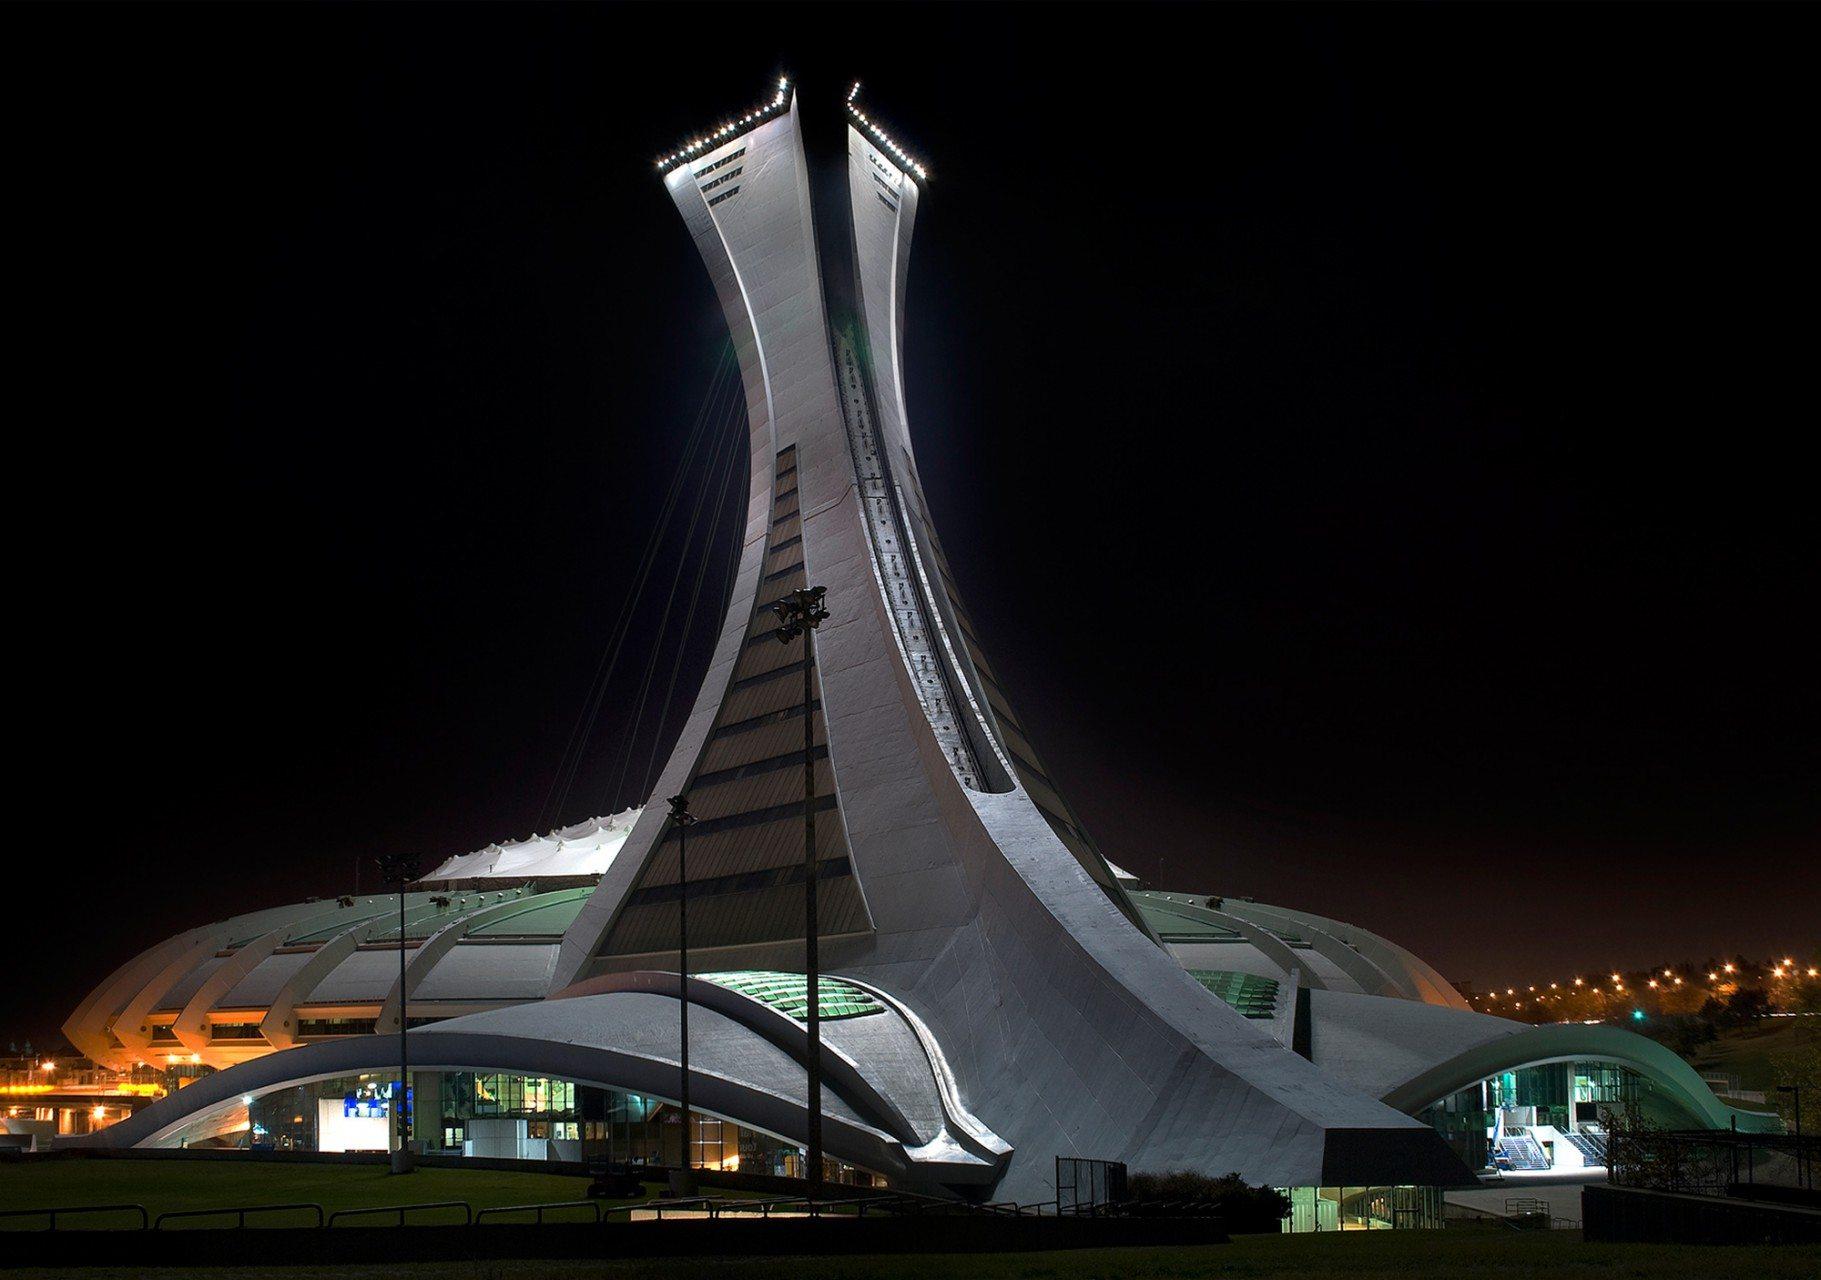 Stade Olympique Montréal. Zusammen mit dem renommierten Stuttgarter Ingenieurbüro Schlaich Bergermann & Partner realisierte Taillibert das Olympiastadion in Montréal. Der Bau wurde damals kontrovers diskutiert, sprengte er bei seiner Errichtung 1997, wie viele andere Olympiaprojekte, bei weitem den anvisierten Kostenrahmen. Dennoch bescheinigte die